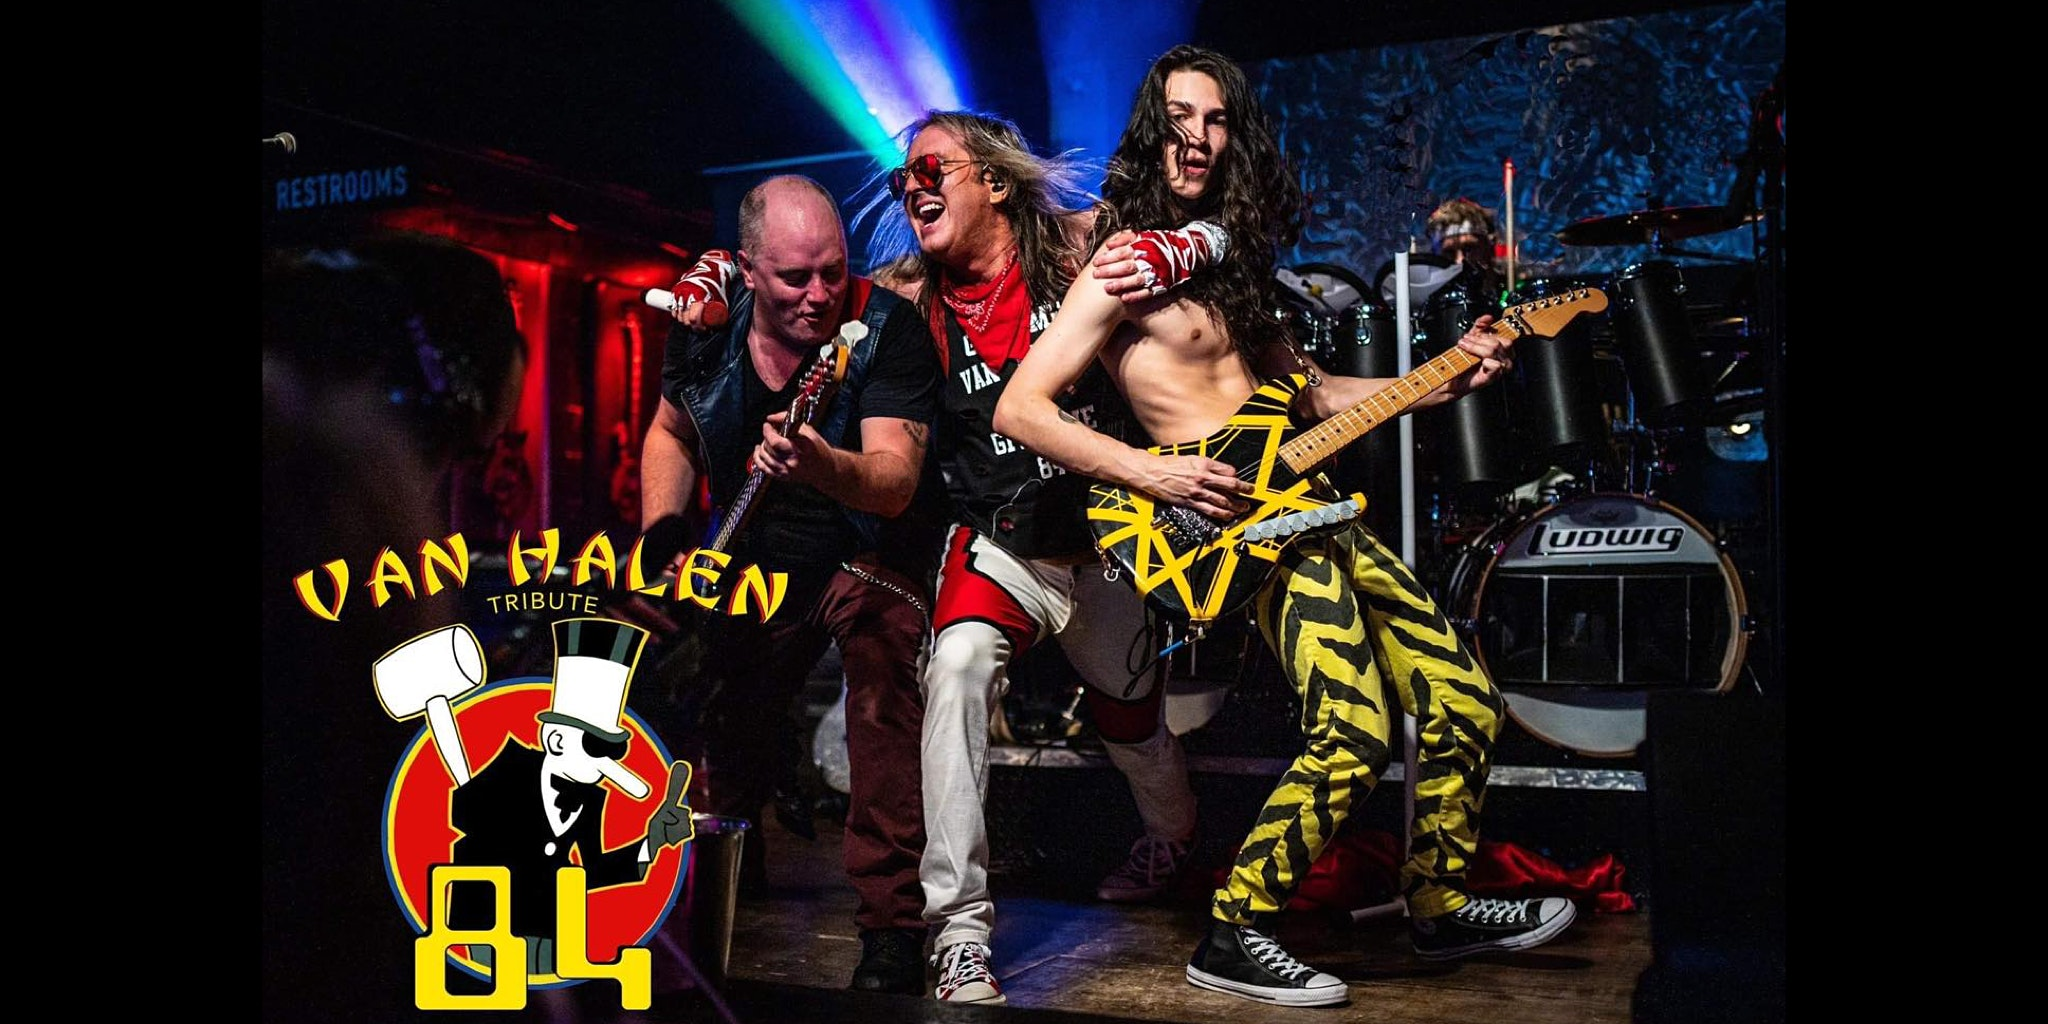 '84 – A Van Halen Tribute